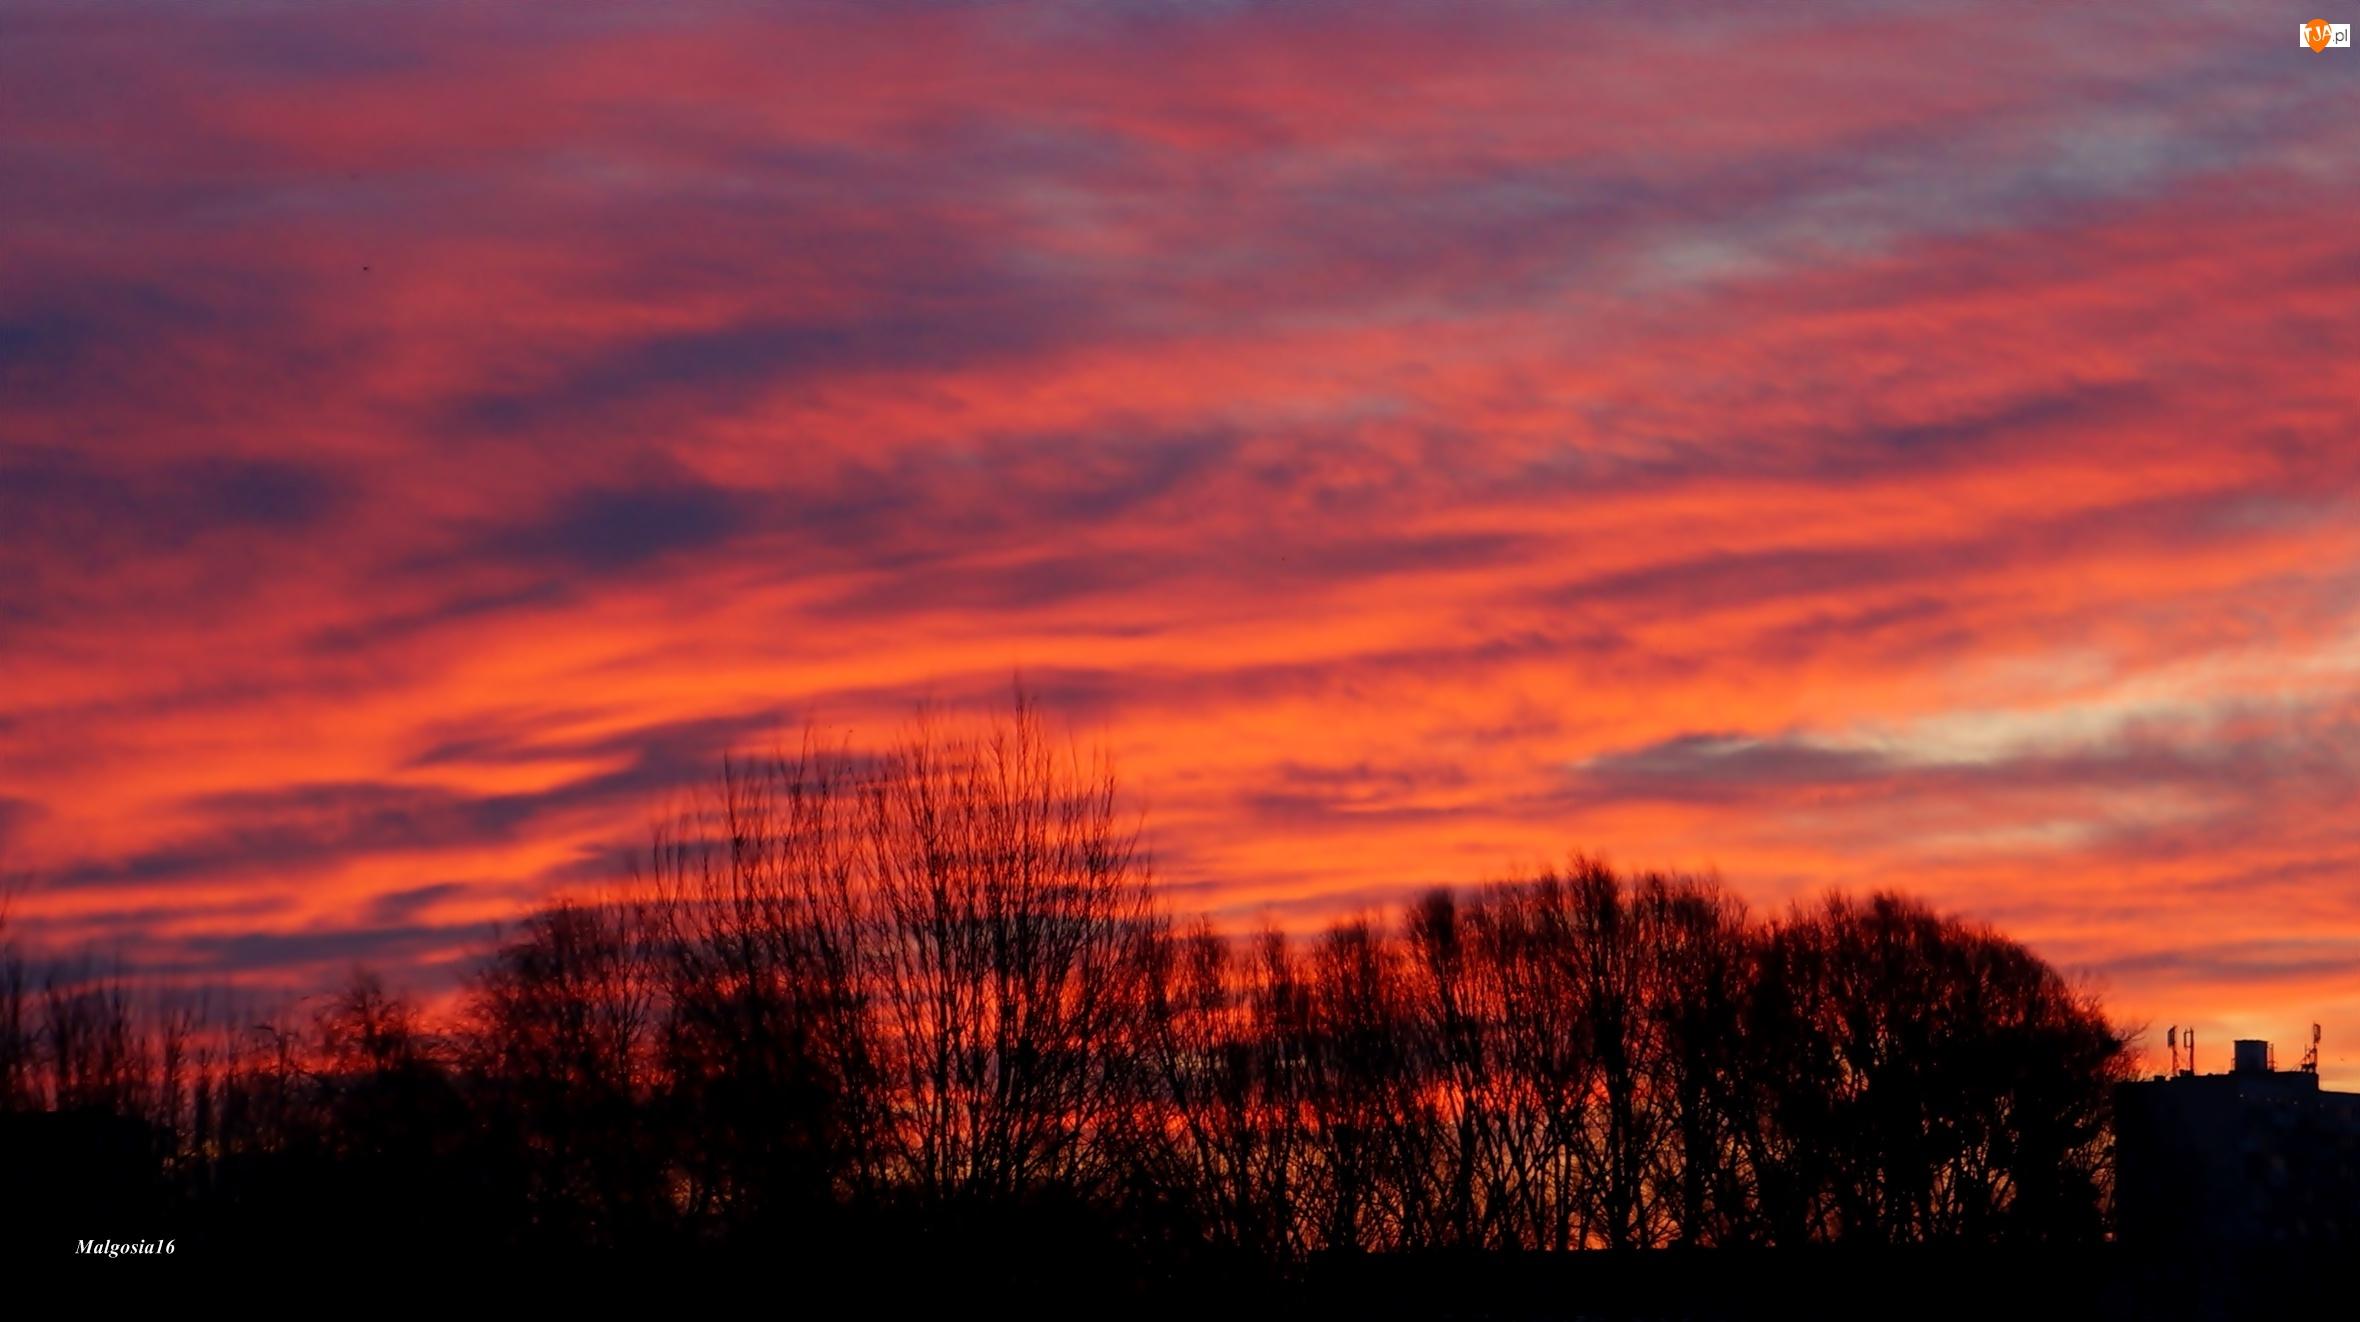 Drzewa, Czerwone, Chmury, Niebo, Wschód Słońca